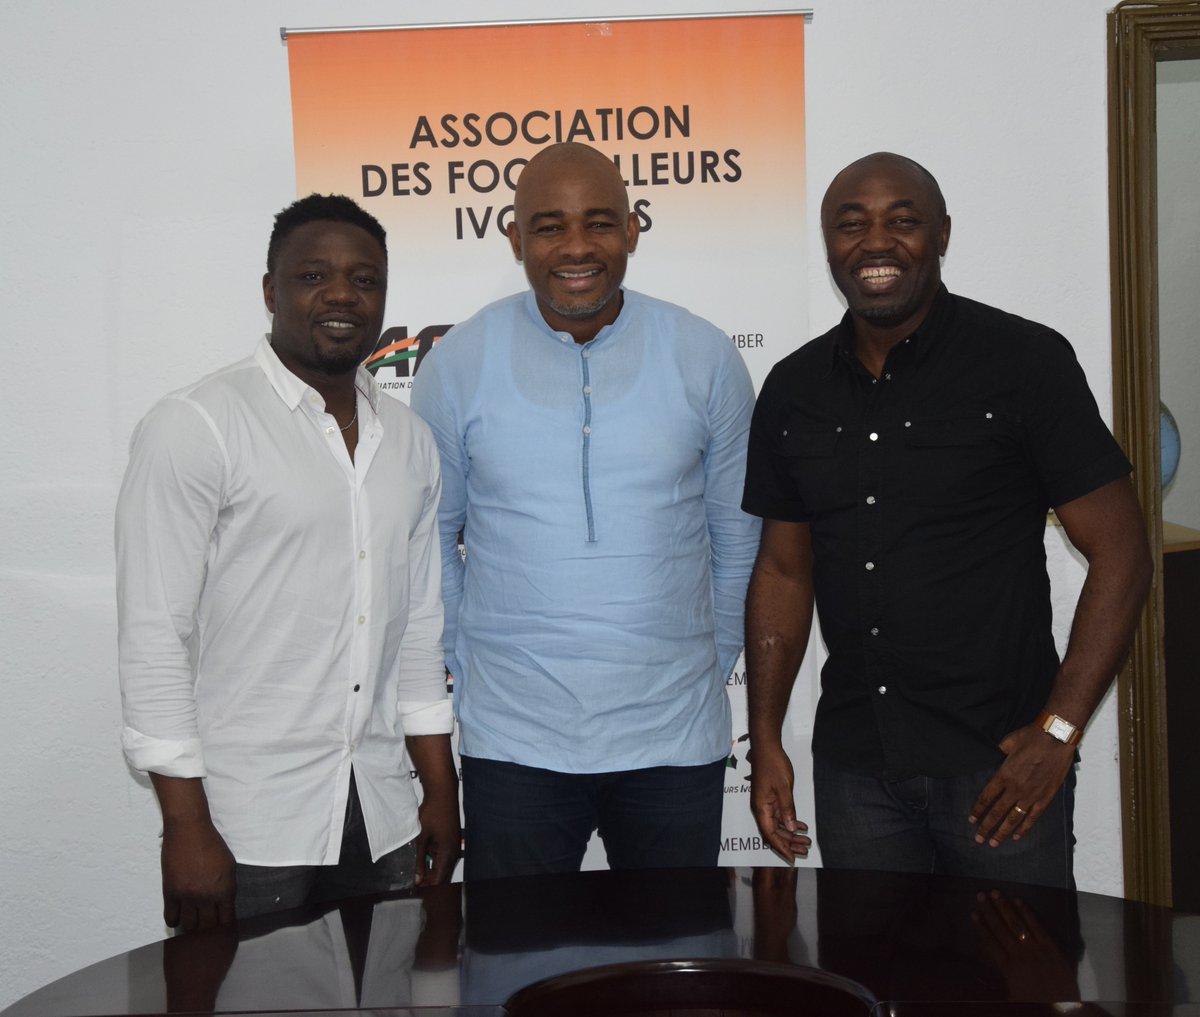 Visite de courtoisie de Monsieur le Maire Bonaventure Kalou à l@AFI_FIFPro ce mercredi. Très gratifiant pour lAssociation de bénéficier du soutien des gloires du football ivoirien @Domoraud_17 @didierdrogba @arudin26 @KoloToure28😆👏⚽️ #Ensembleonestplusfort